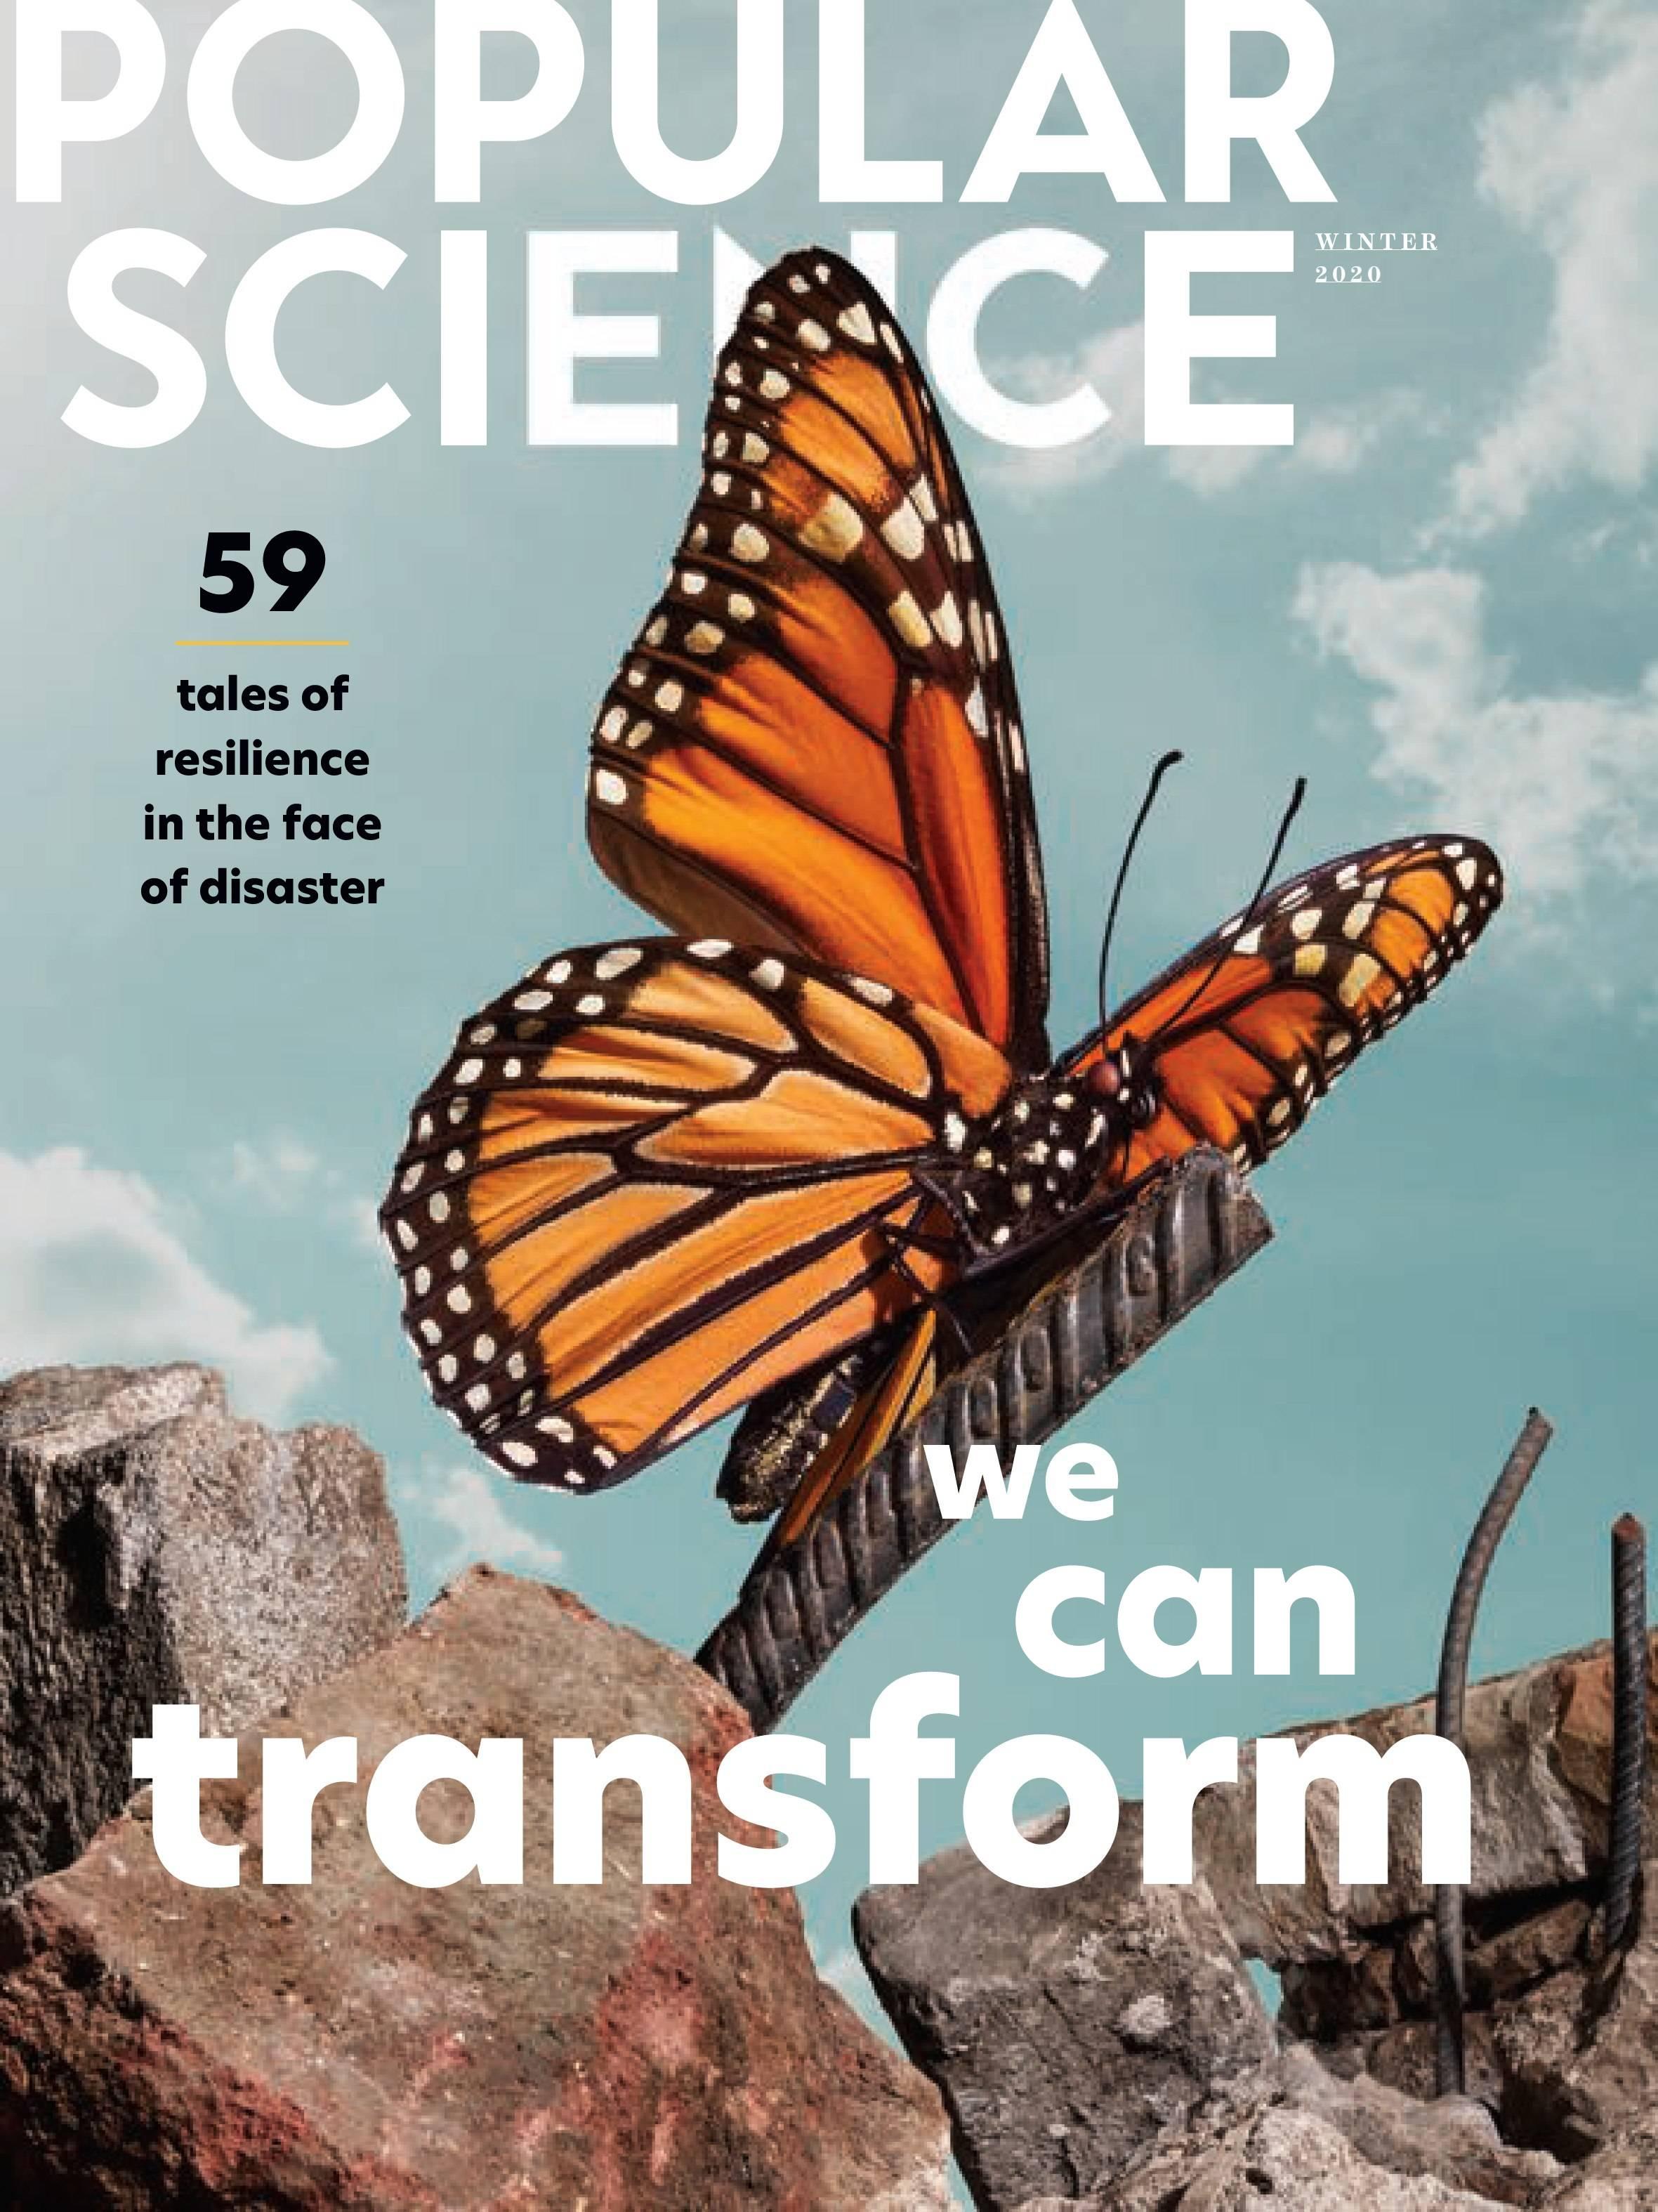 Popular Science Winter 2020